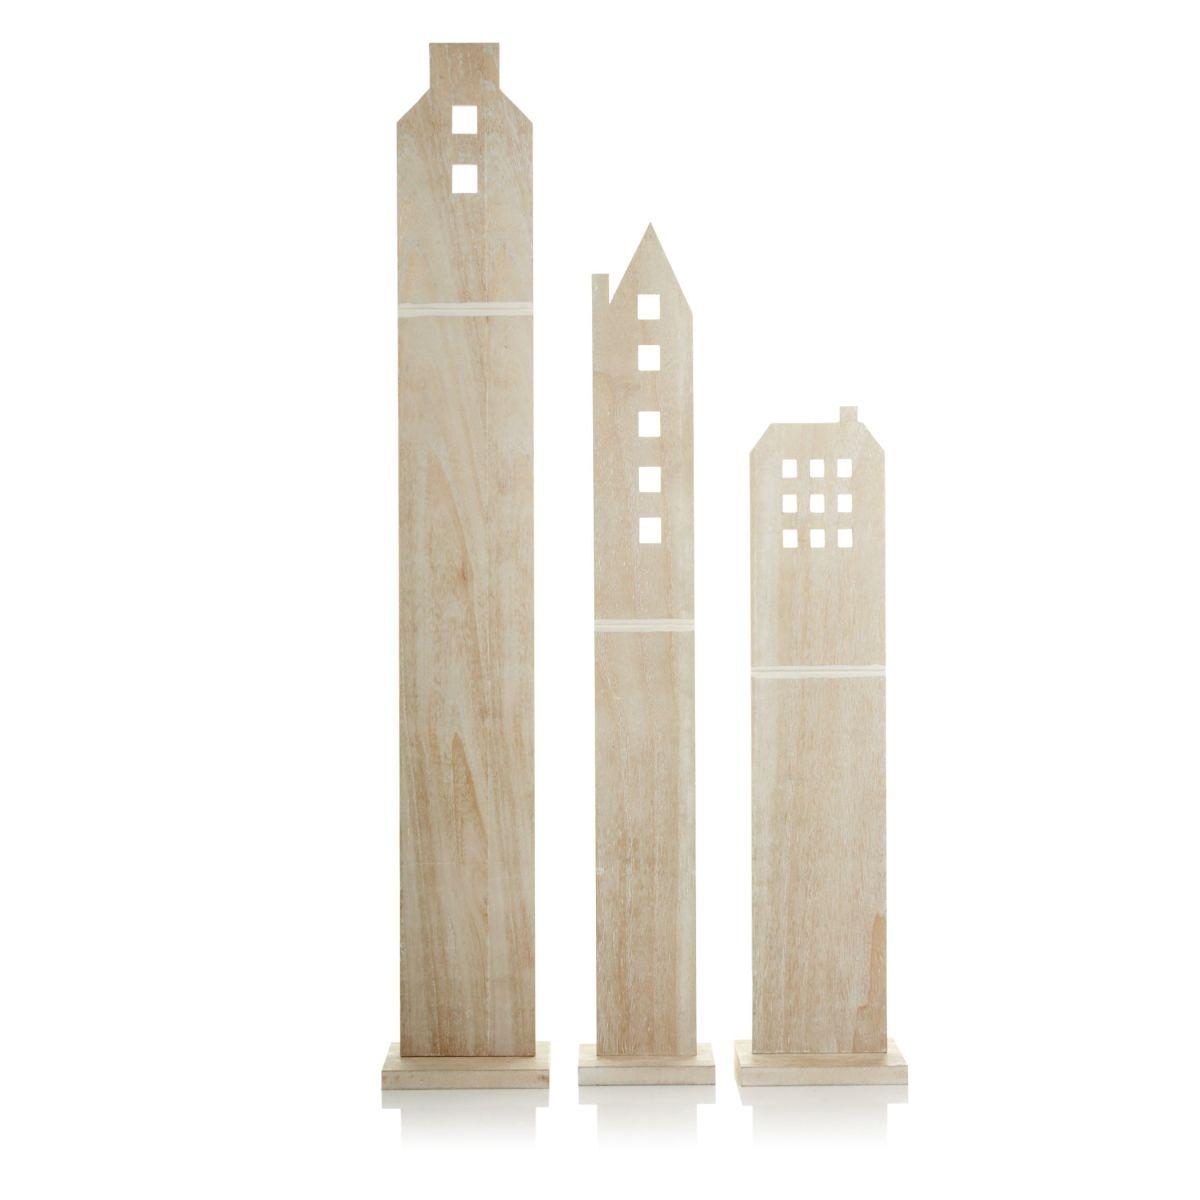 Deko-Haus-Set, 3-tlg., leicht gewischt, Paulownia Holz (Impressionen)